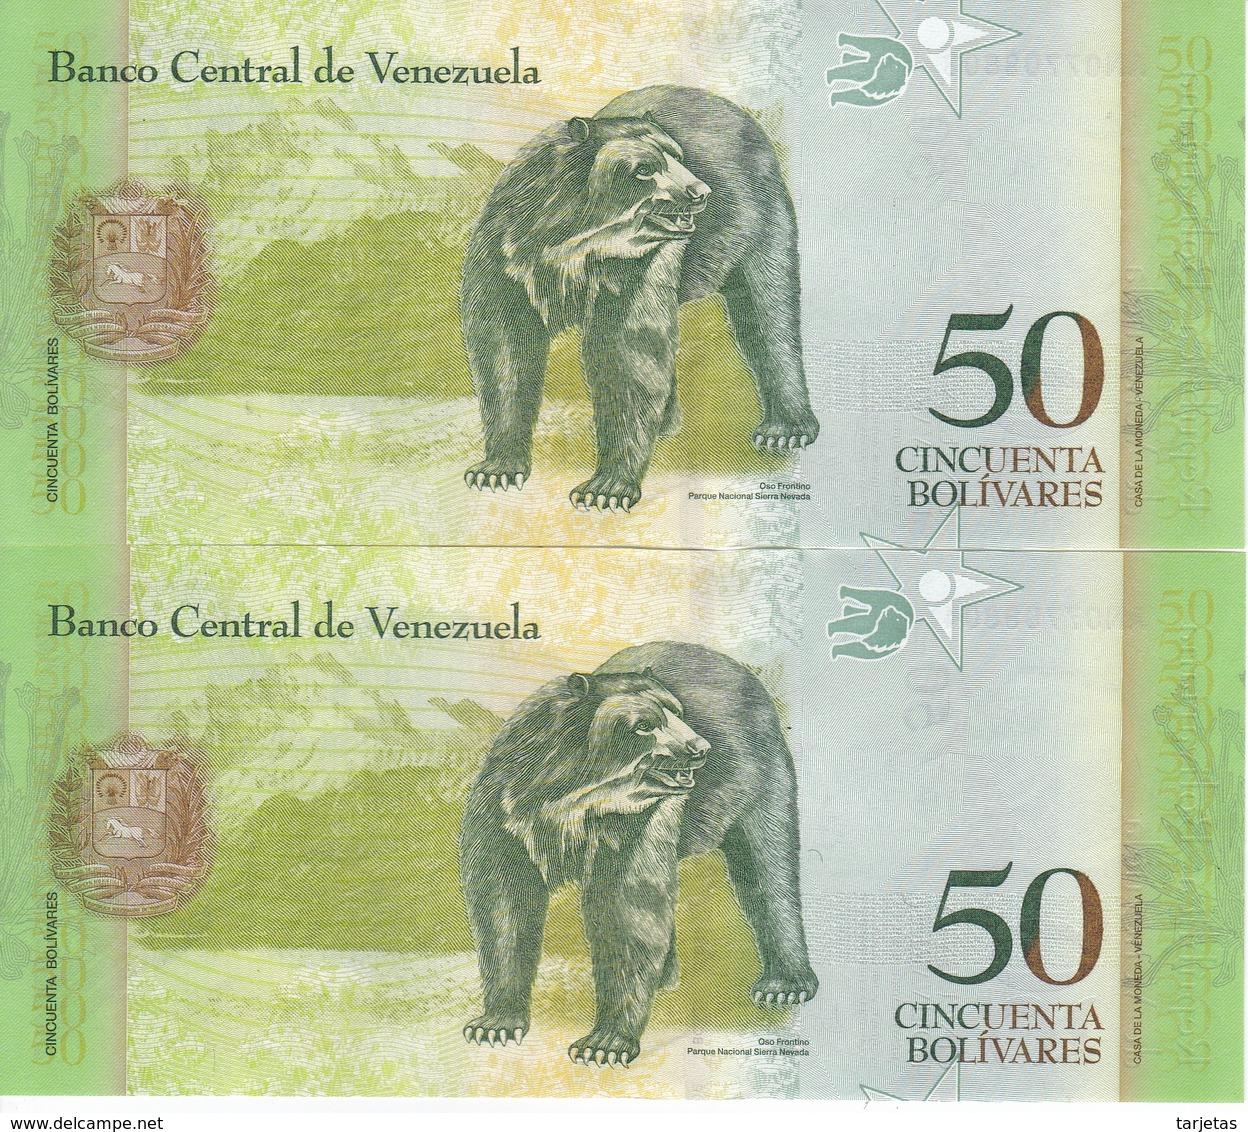 PAREJA CORRELATIVA DE VENEZUELA DE 50 BOLIVARES DEL 5 DE NOVIEMBRE 2015 SIN CIRCULAR -UNC (BANKNOTE) OSO FRONTINO (BEAR) - Venezuela